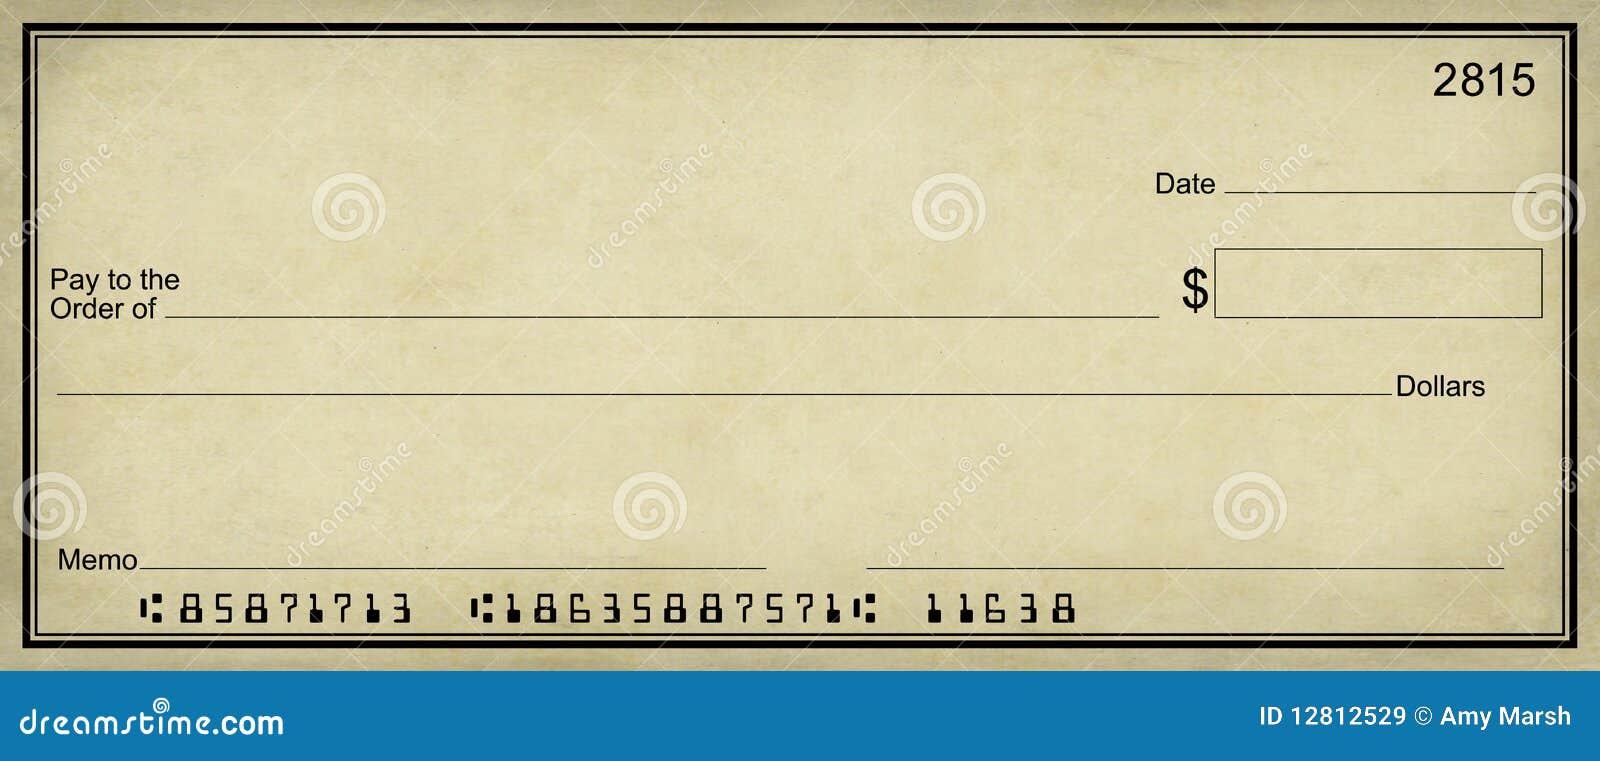 Free Clip Art Bank Check